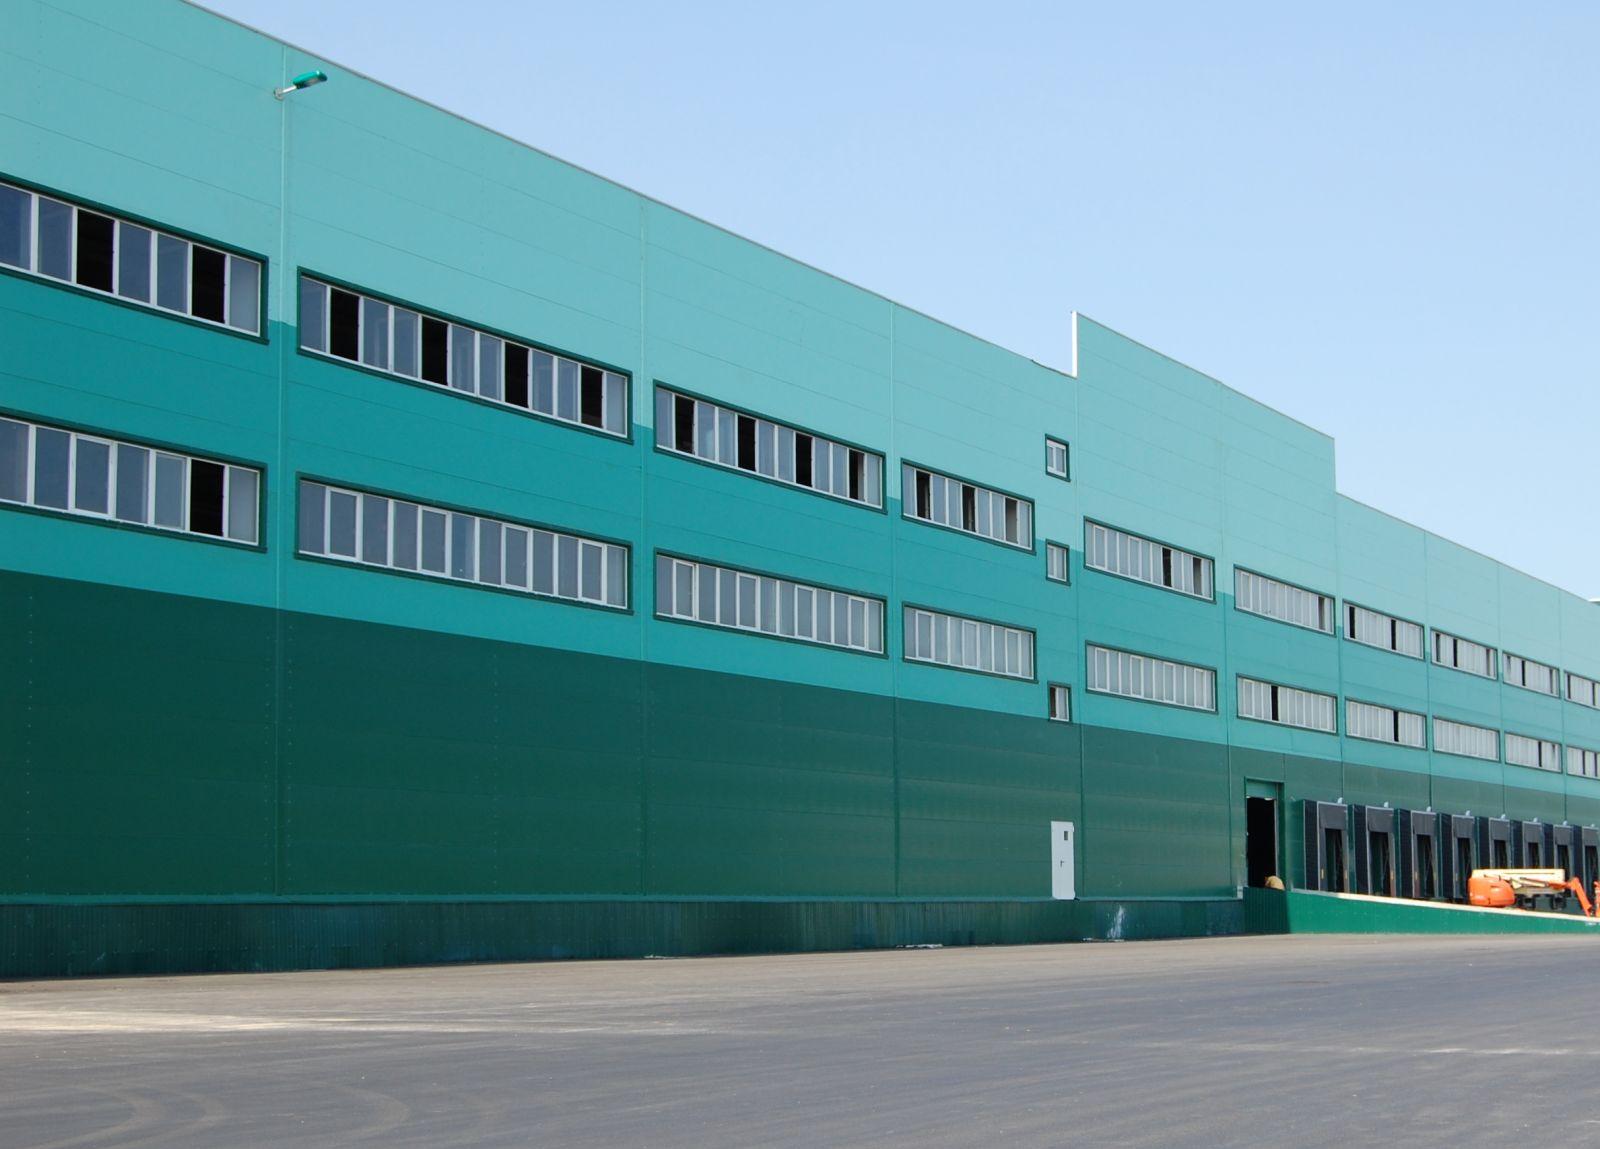 Сеть гипермаркетов Hoff арендовала в Домодедове 50 000 кв. метров складских помещений